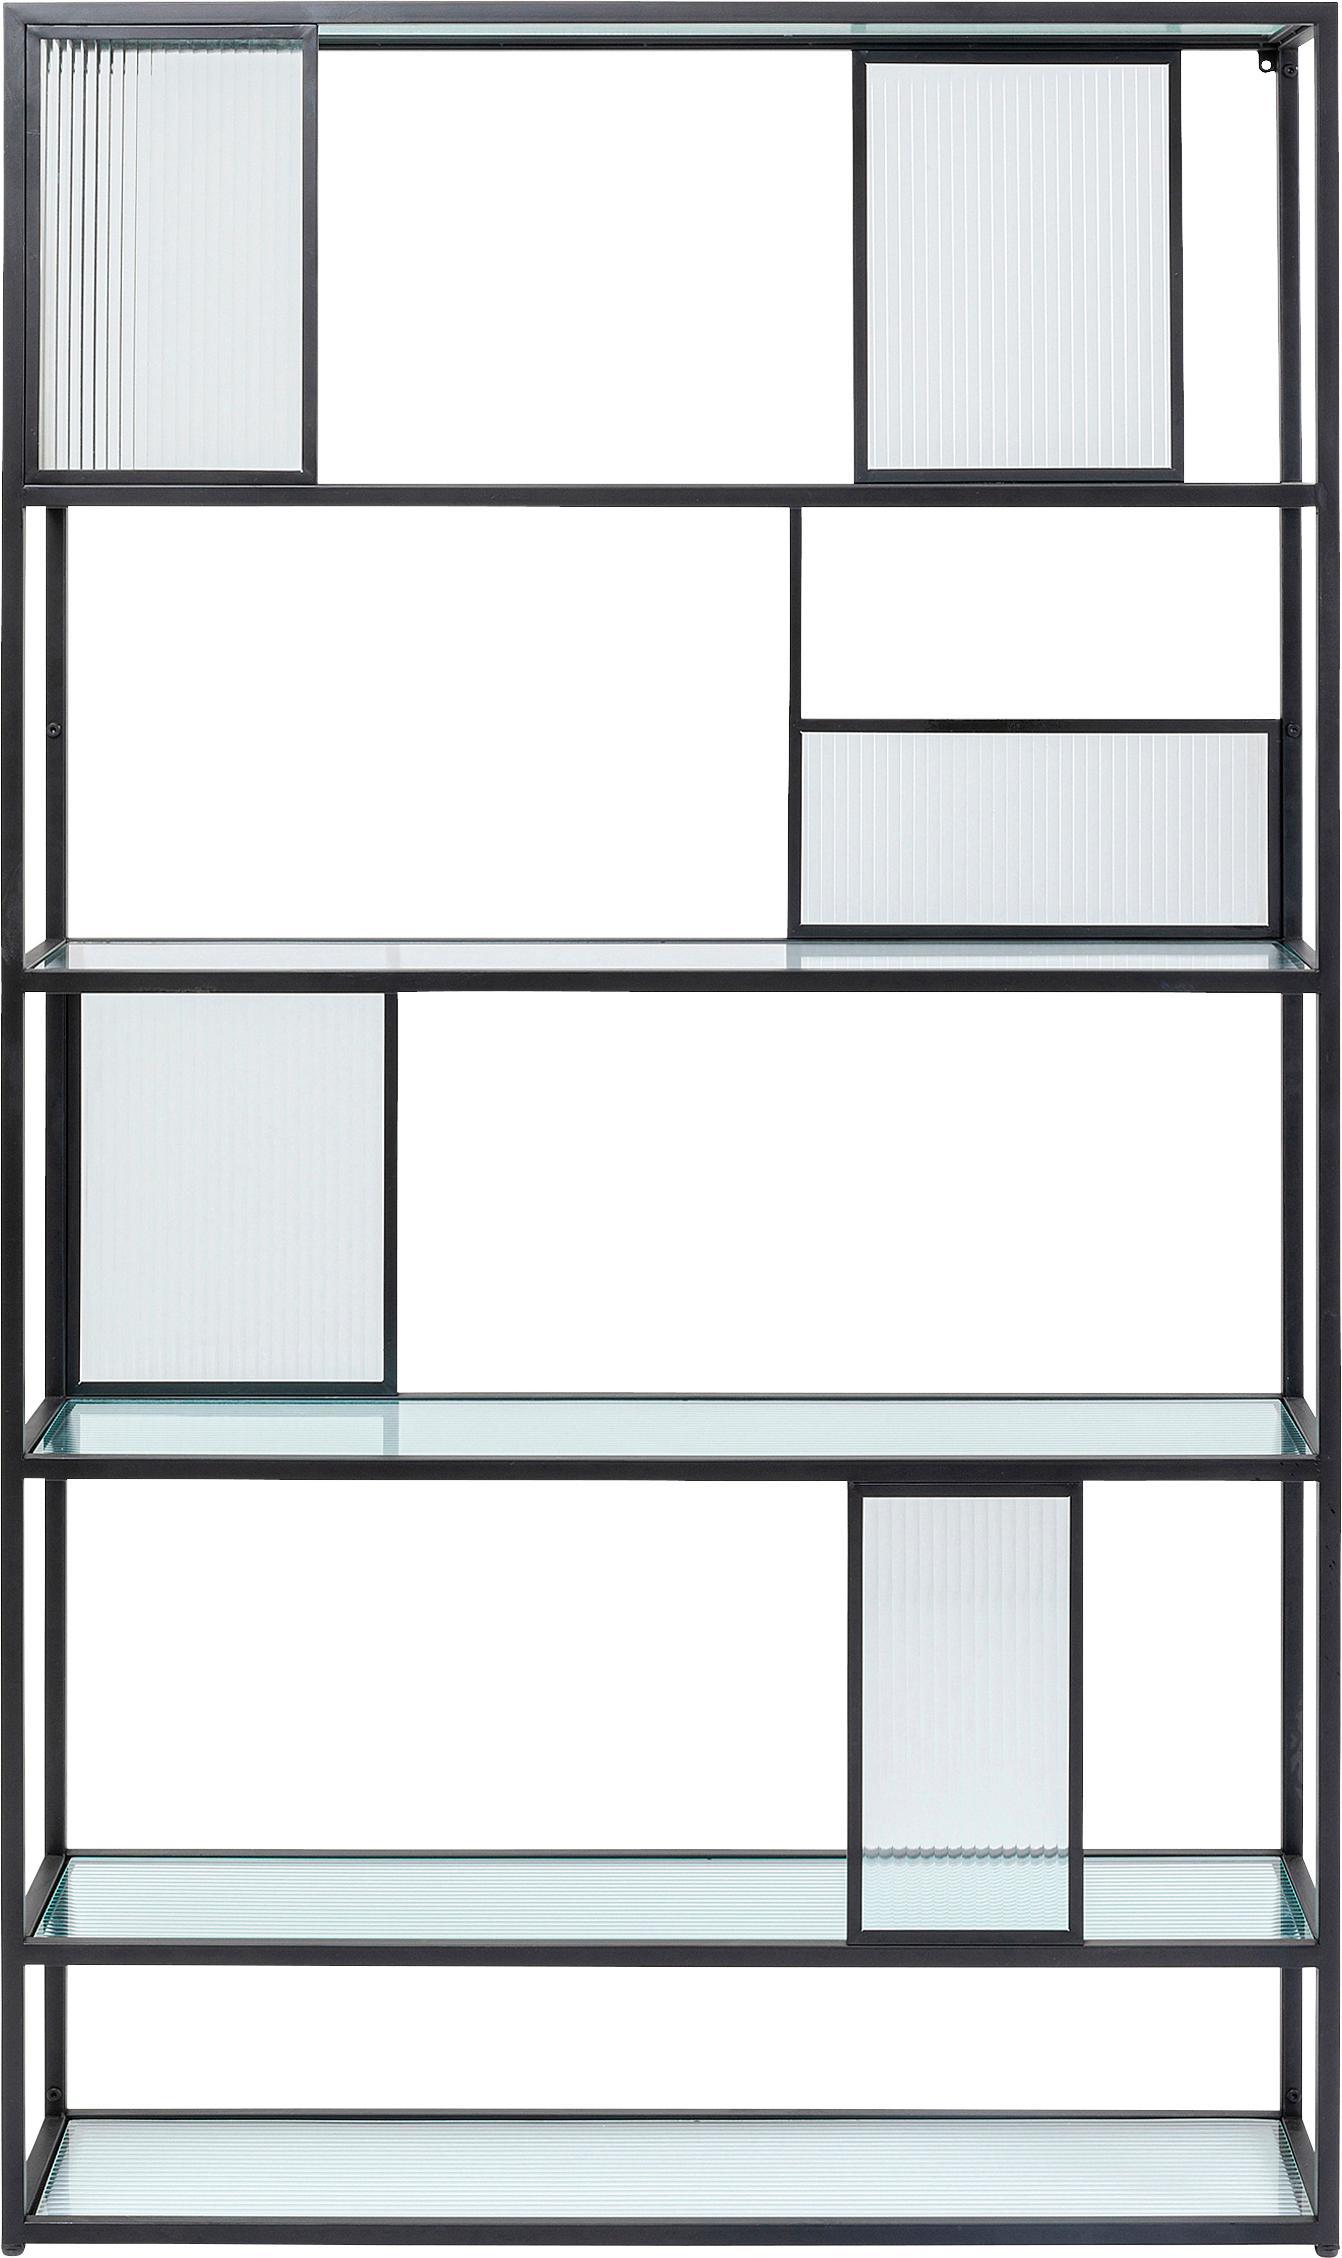 Metall-Standregal Skyler mit Glasplatten, Gestell: Metall, pulverbeschichtet, Schwarz, 115 x 185 cm